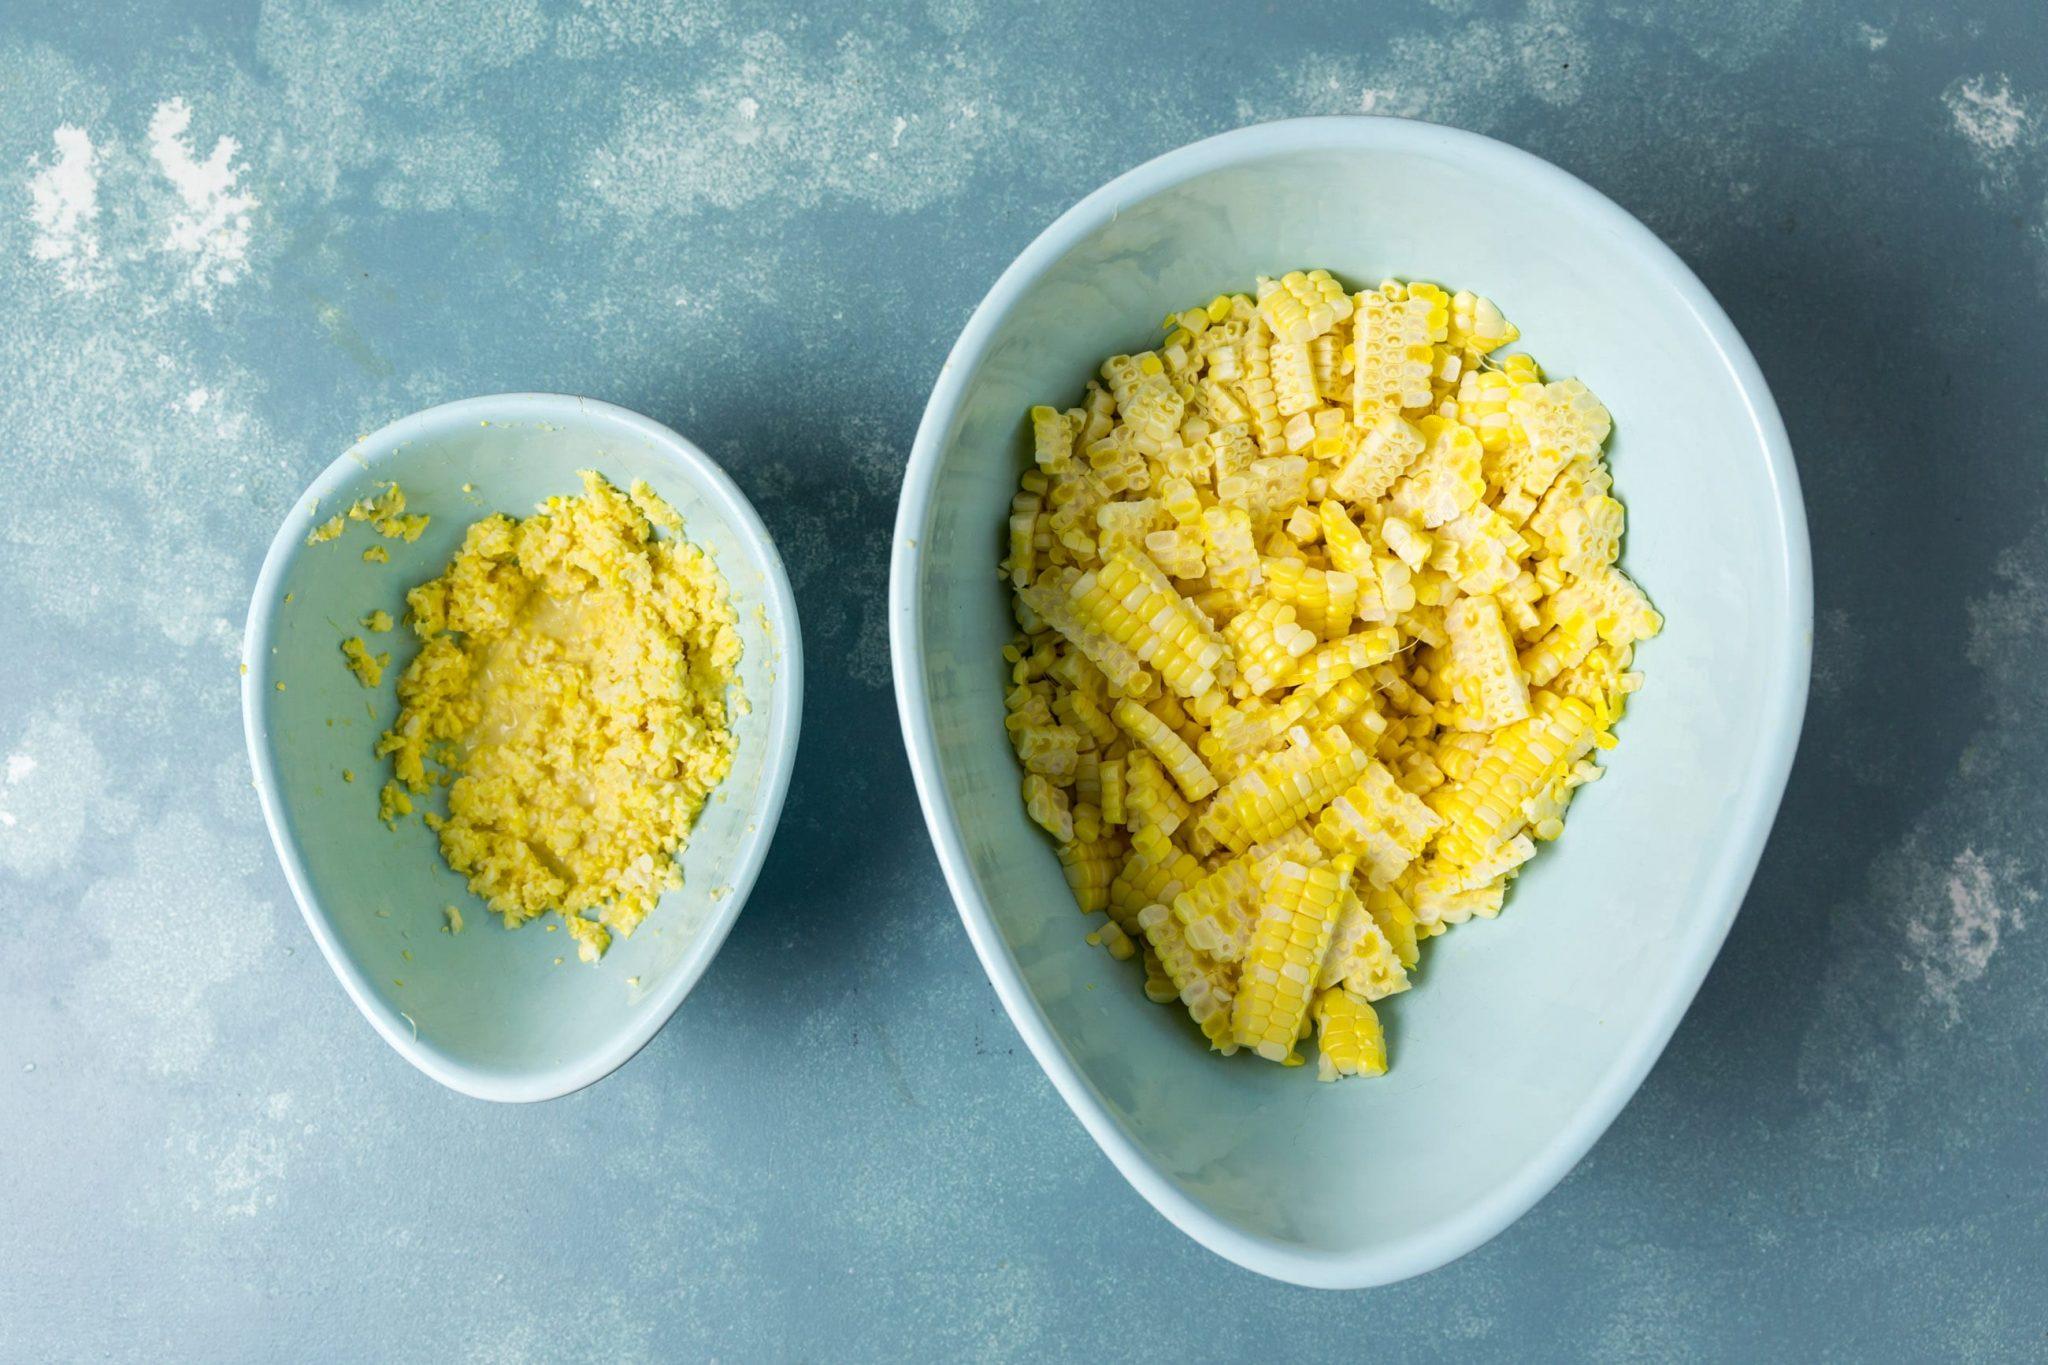 Shrimp and corn chowder - Corn cob kernels and milk